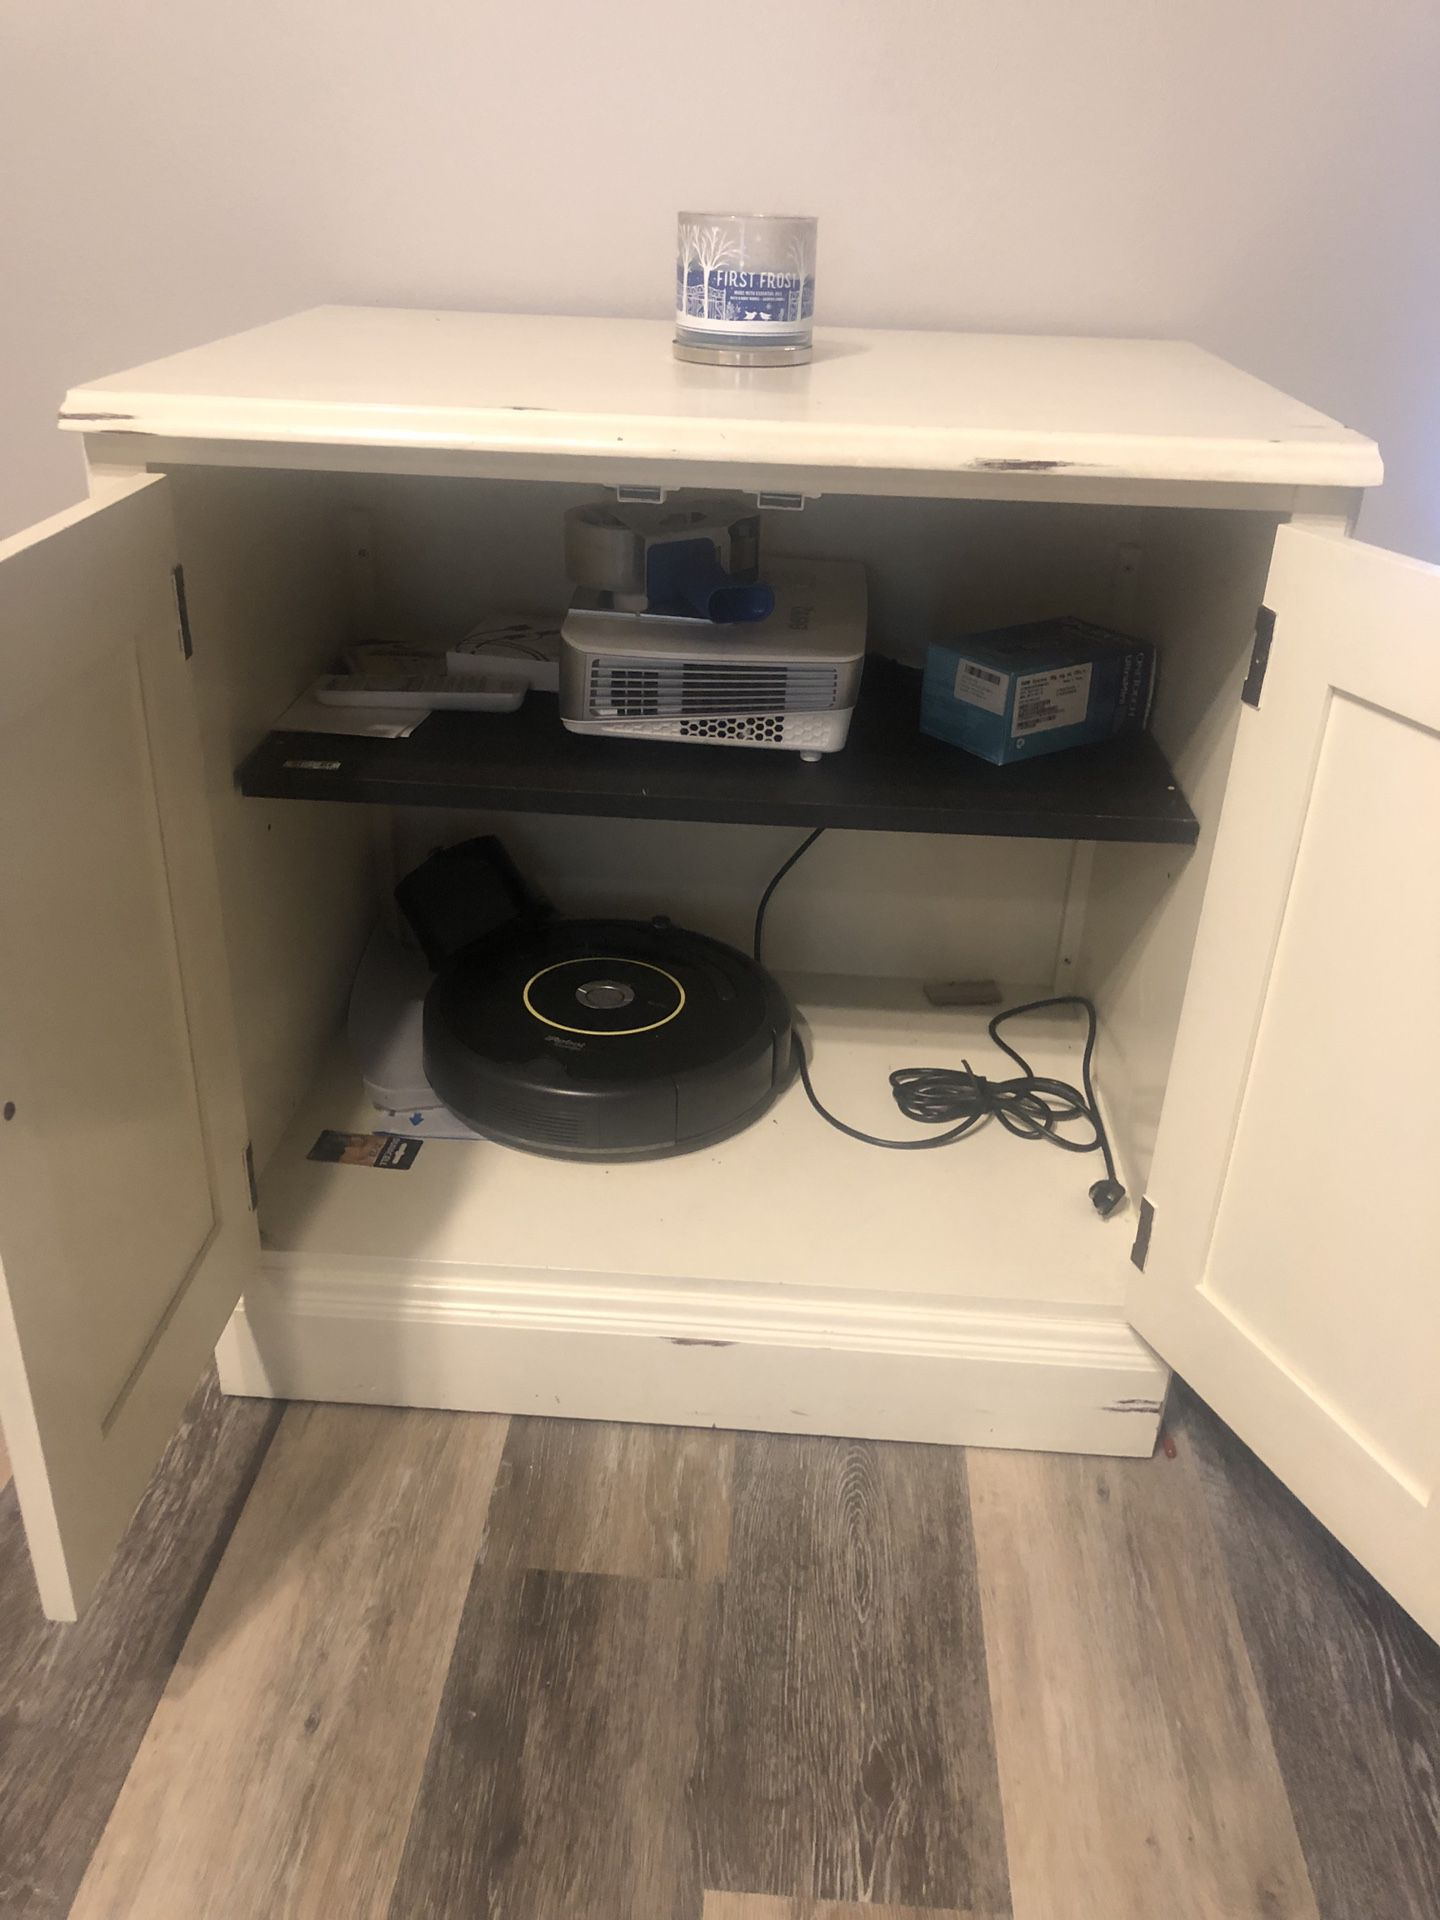 Rustic look cream cabinet